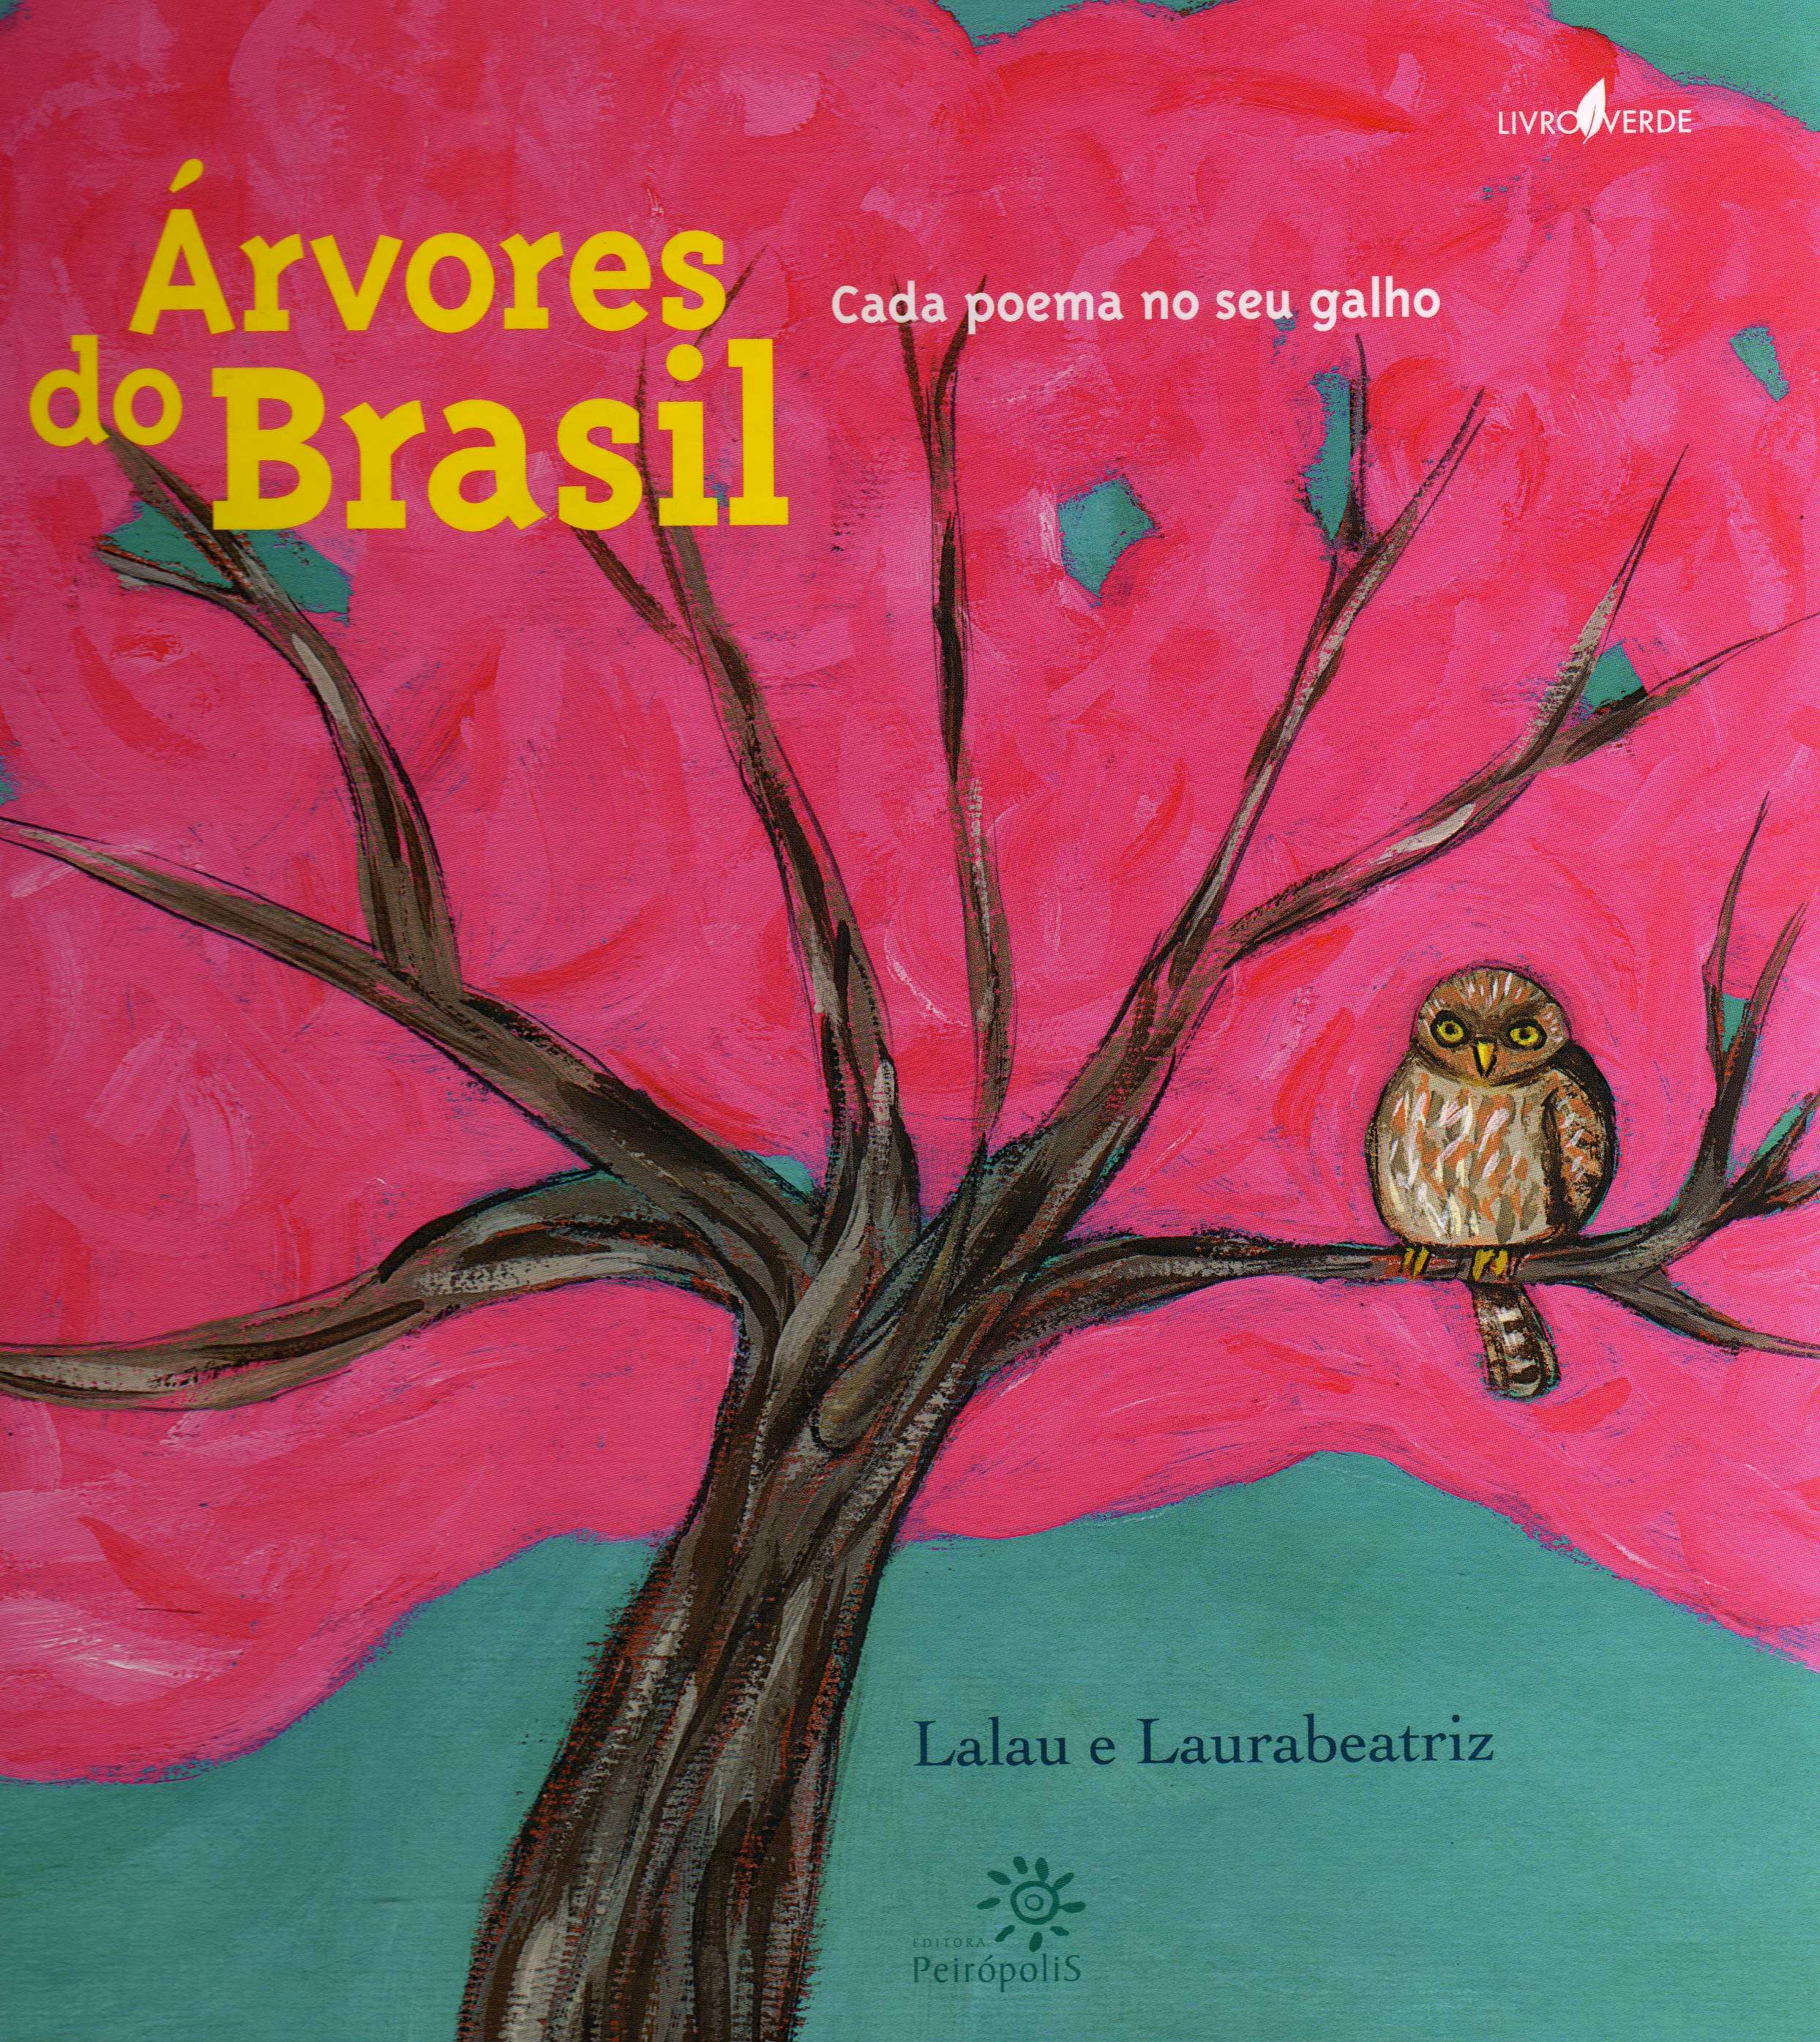 arvores-do-brasil